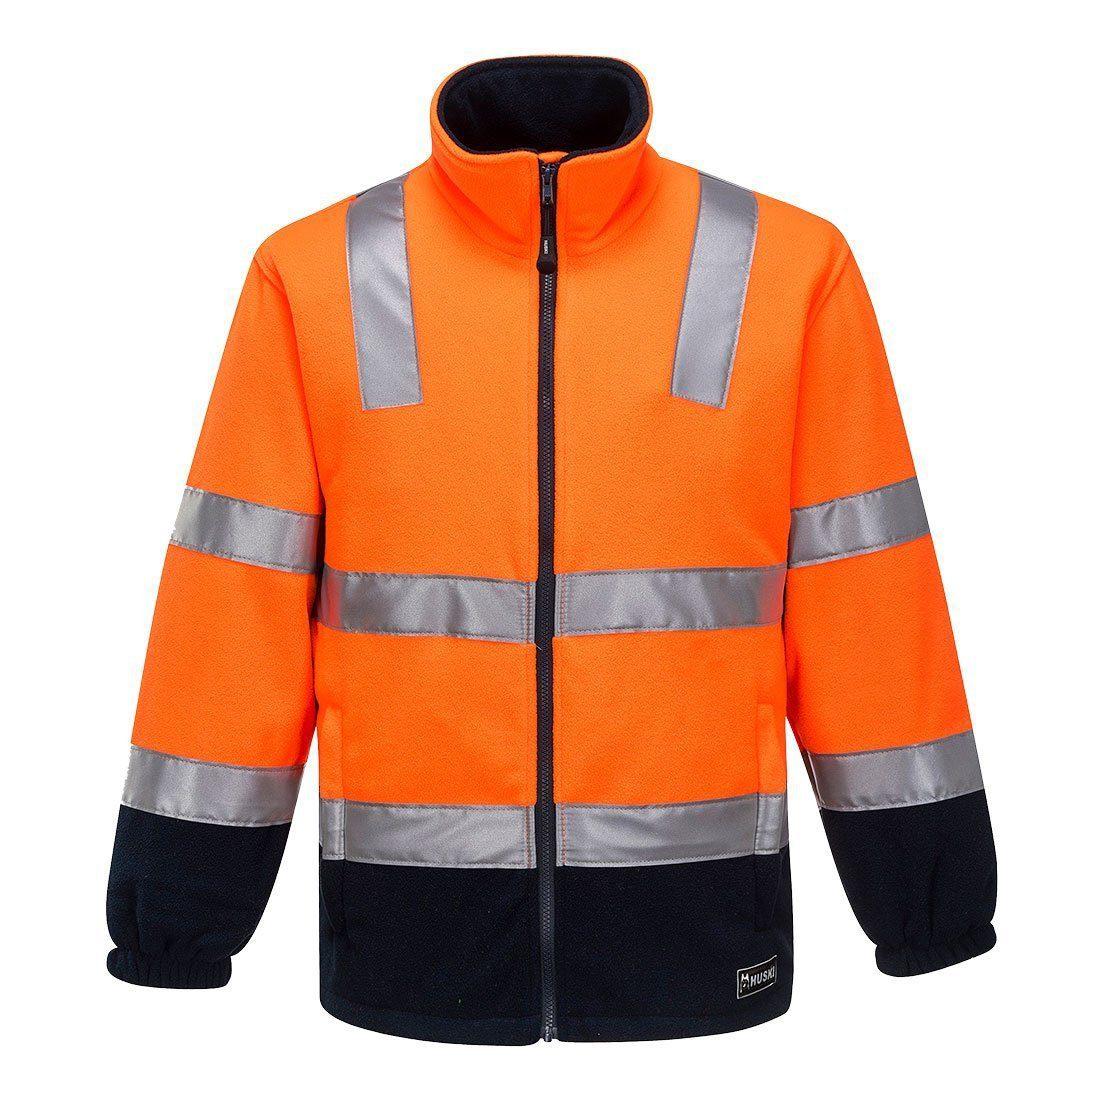 Convoy Polar Fleece Jacket